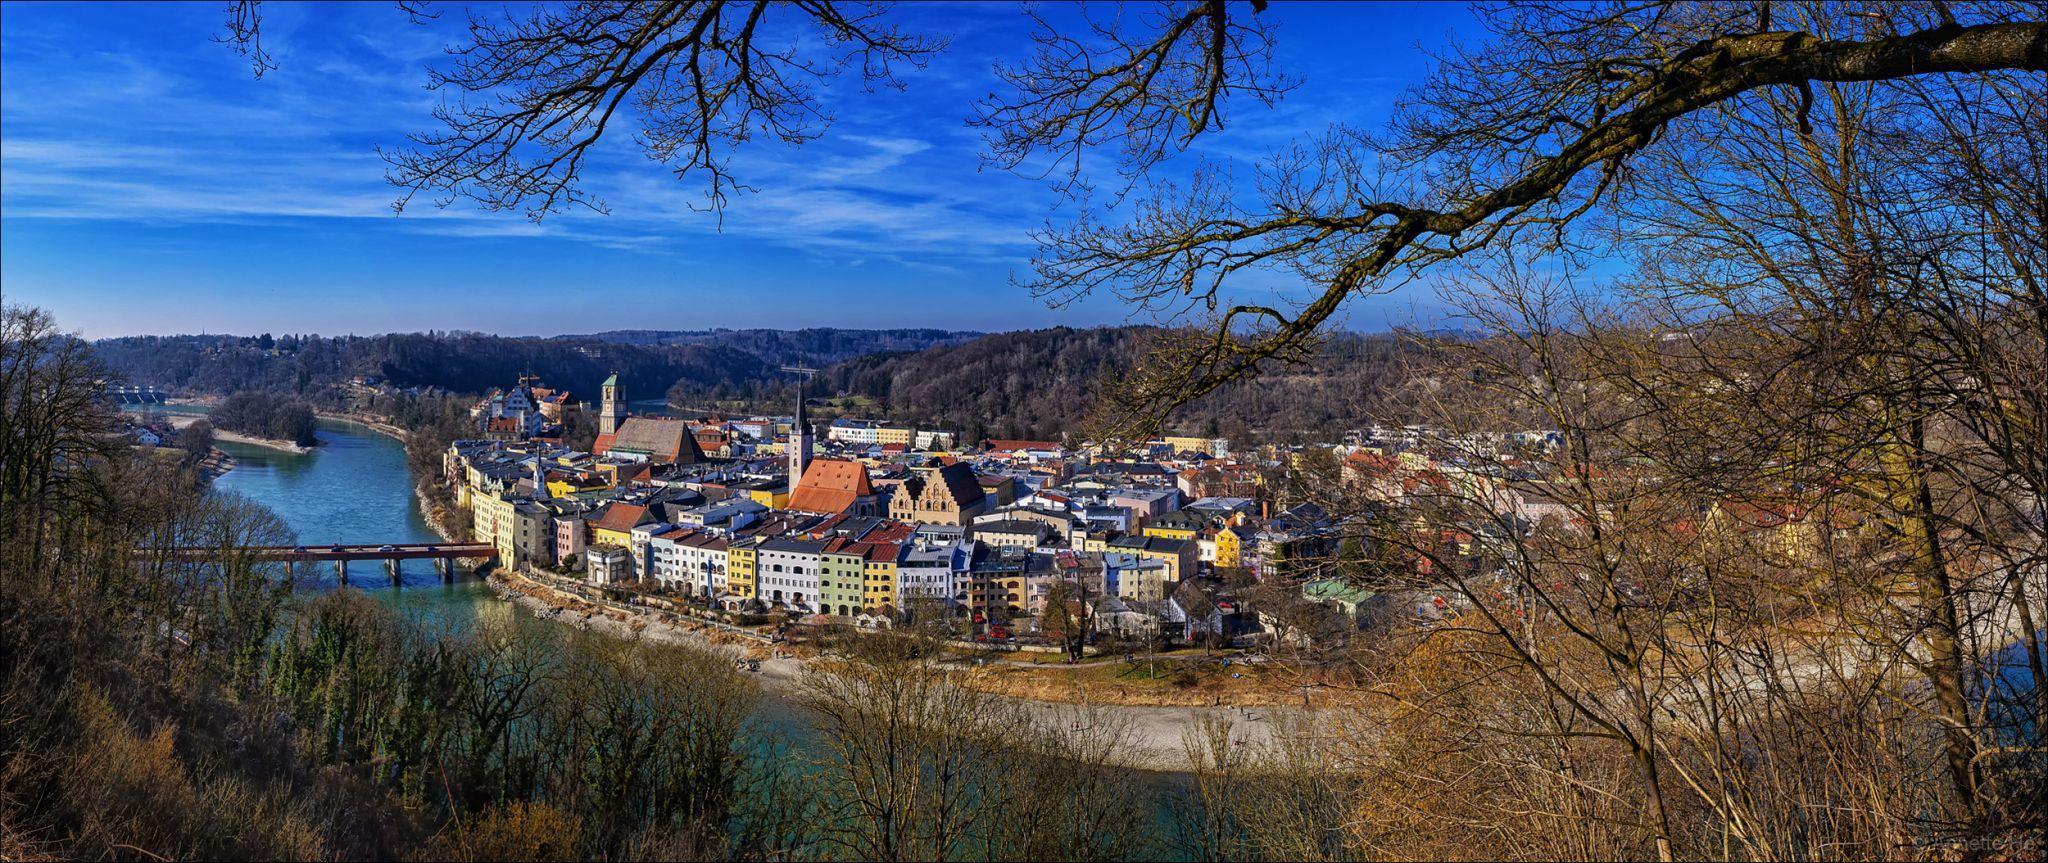 Wasserburg am Inn, Germany